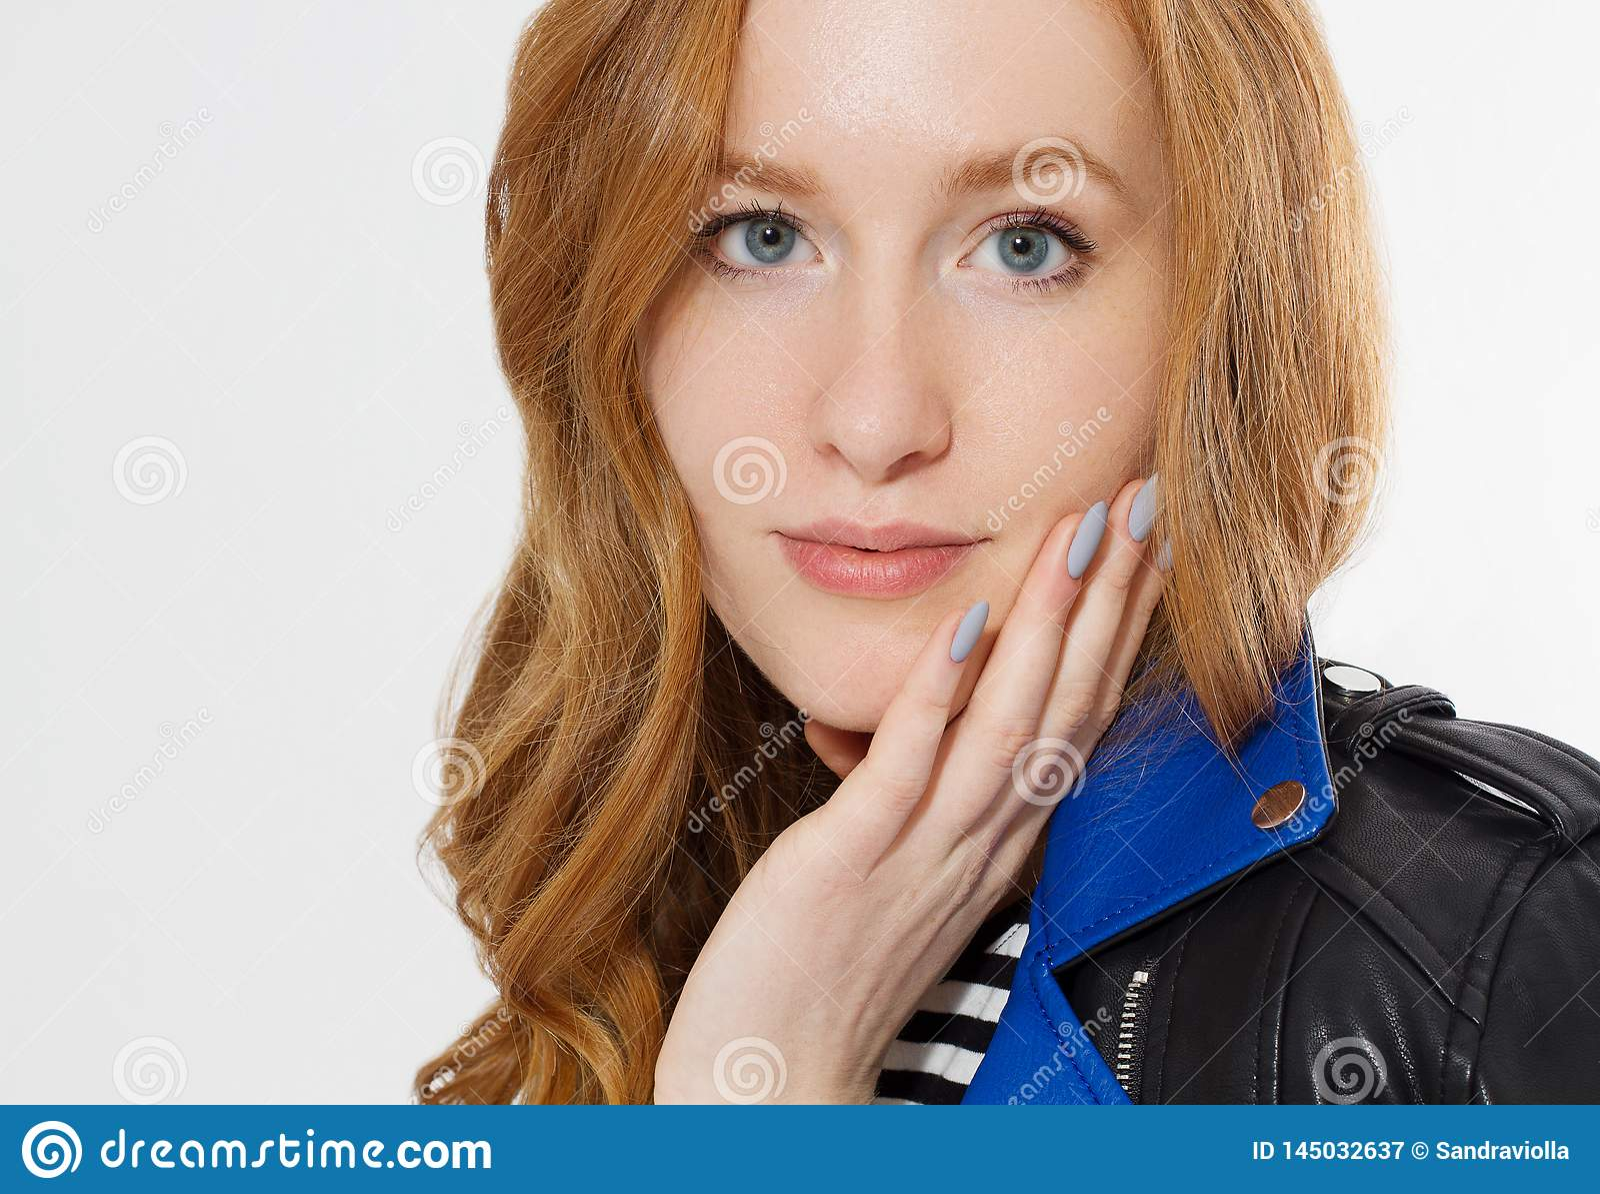 妇女秀丽力量 关闭红发在白色背景隔绝的女孩面孔和皮夹克 皮肤护理,蓝眼睛